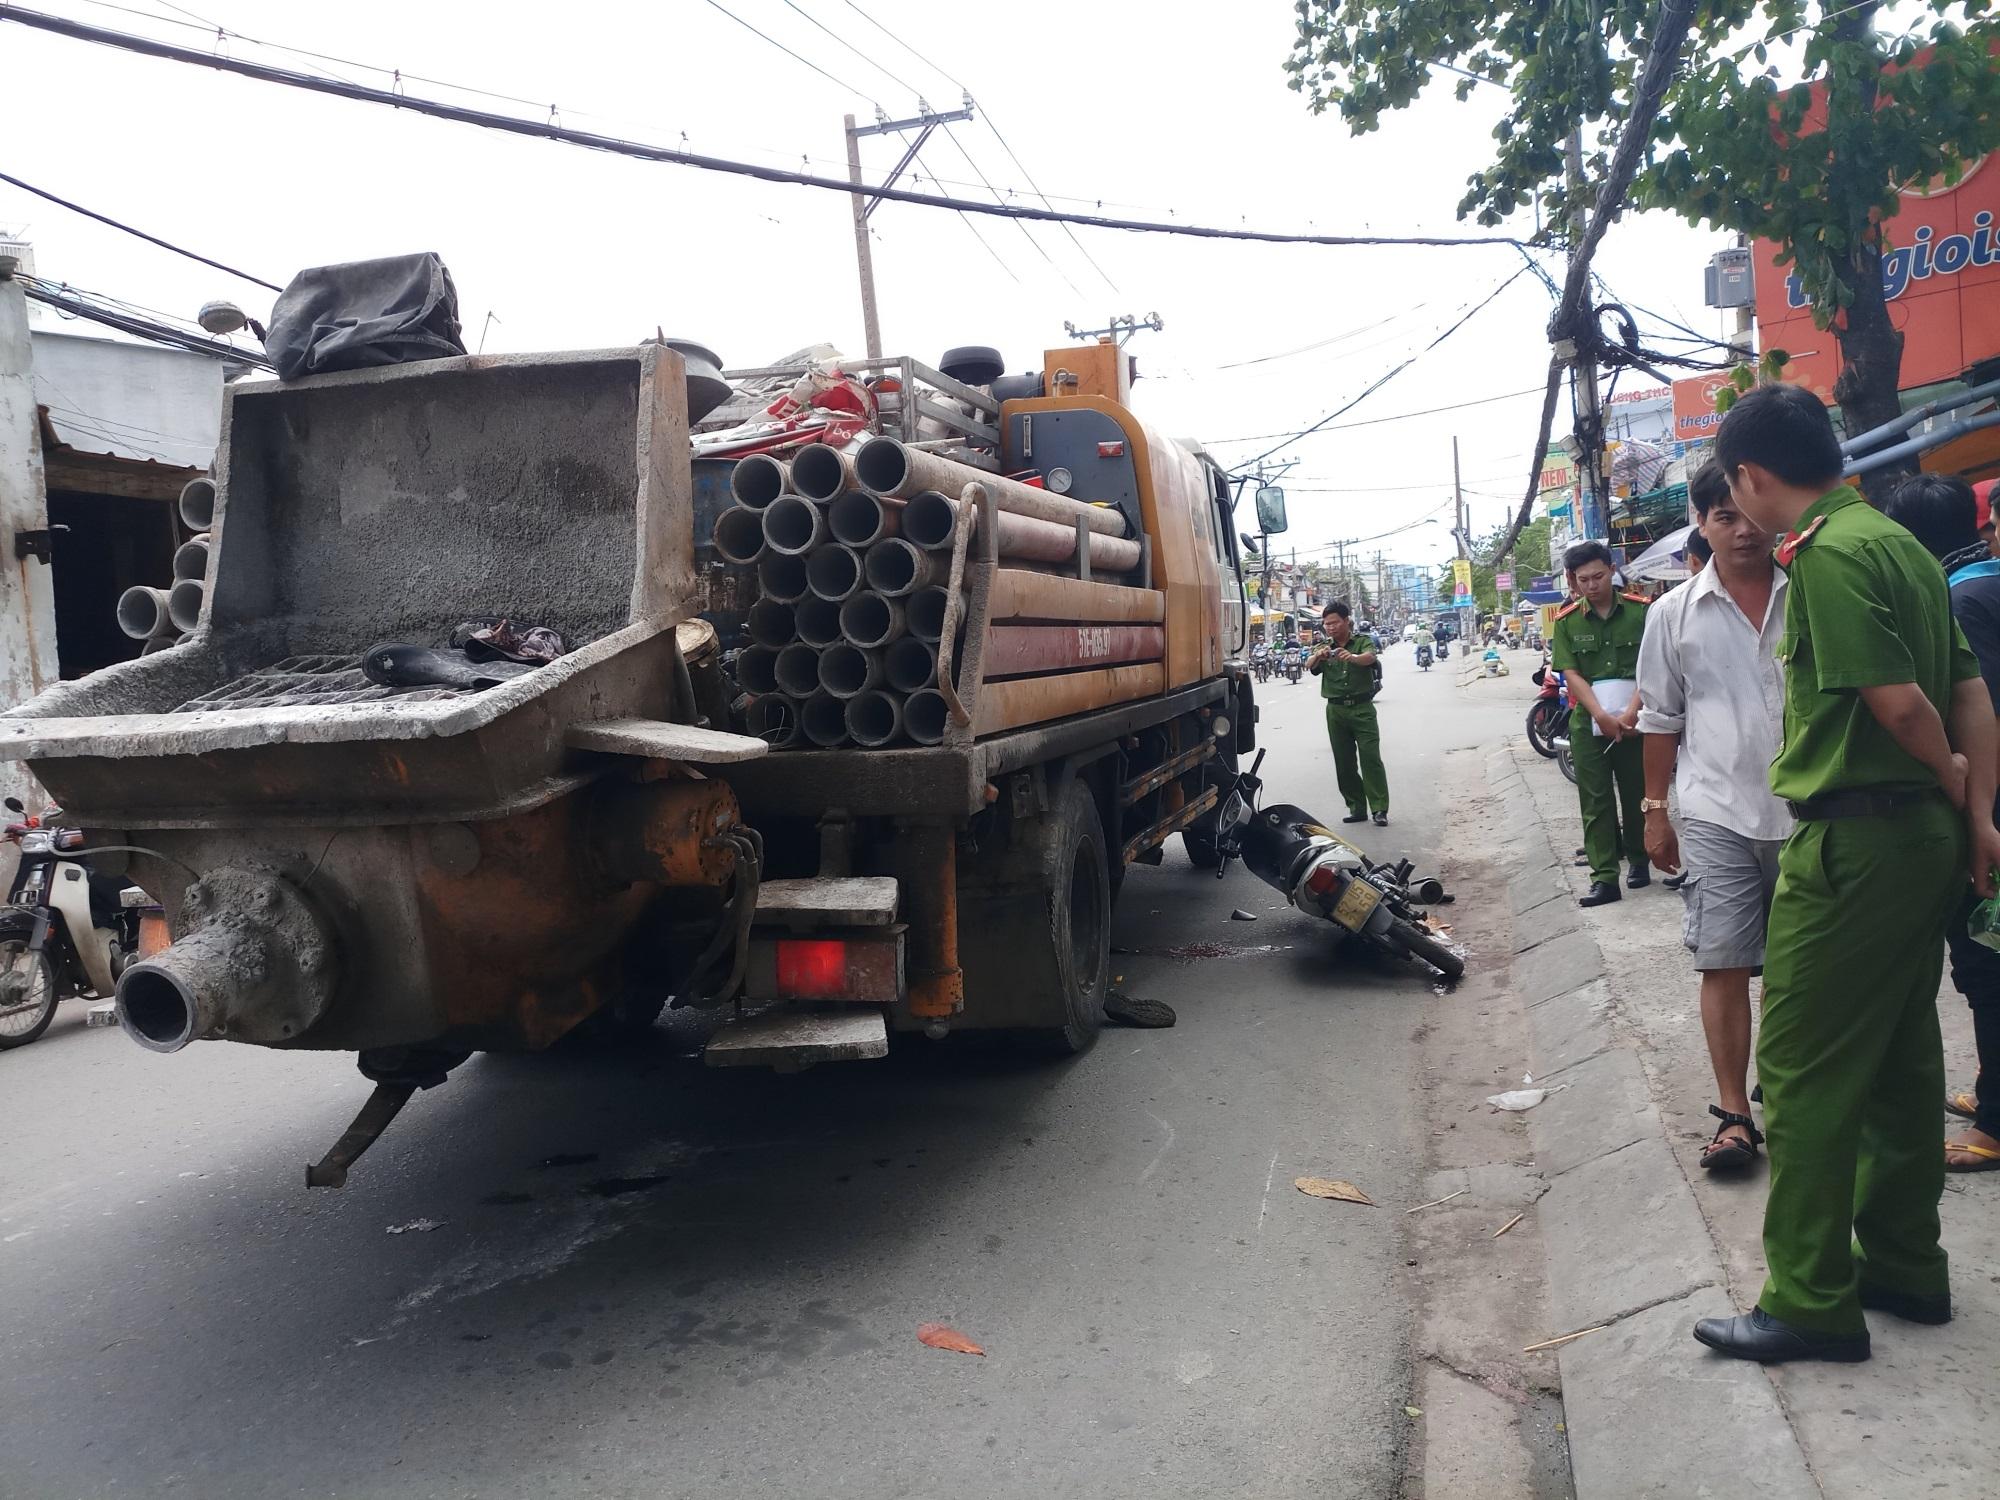 Xe máy va chạm với xe chở vật liệu xây dựng, một người nguy kịch - Ảnh 2